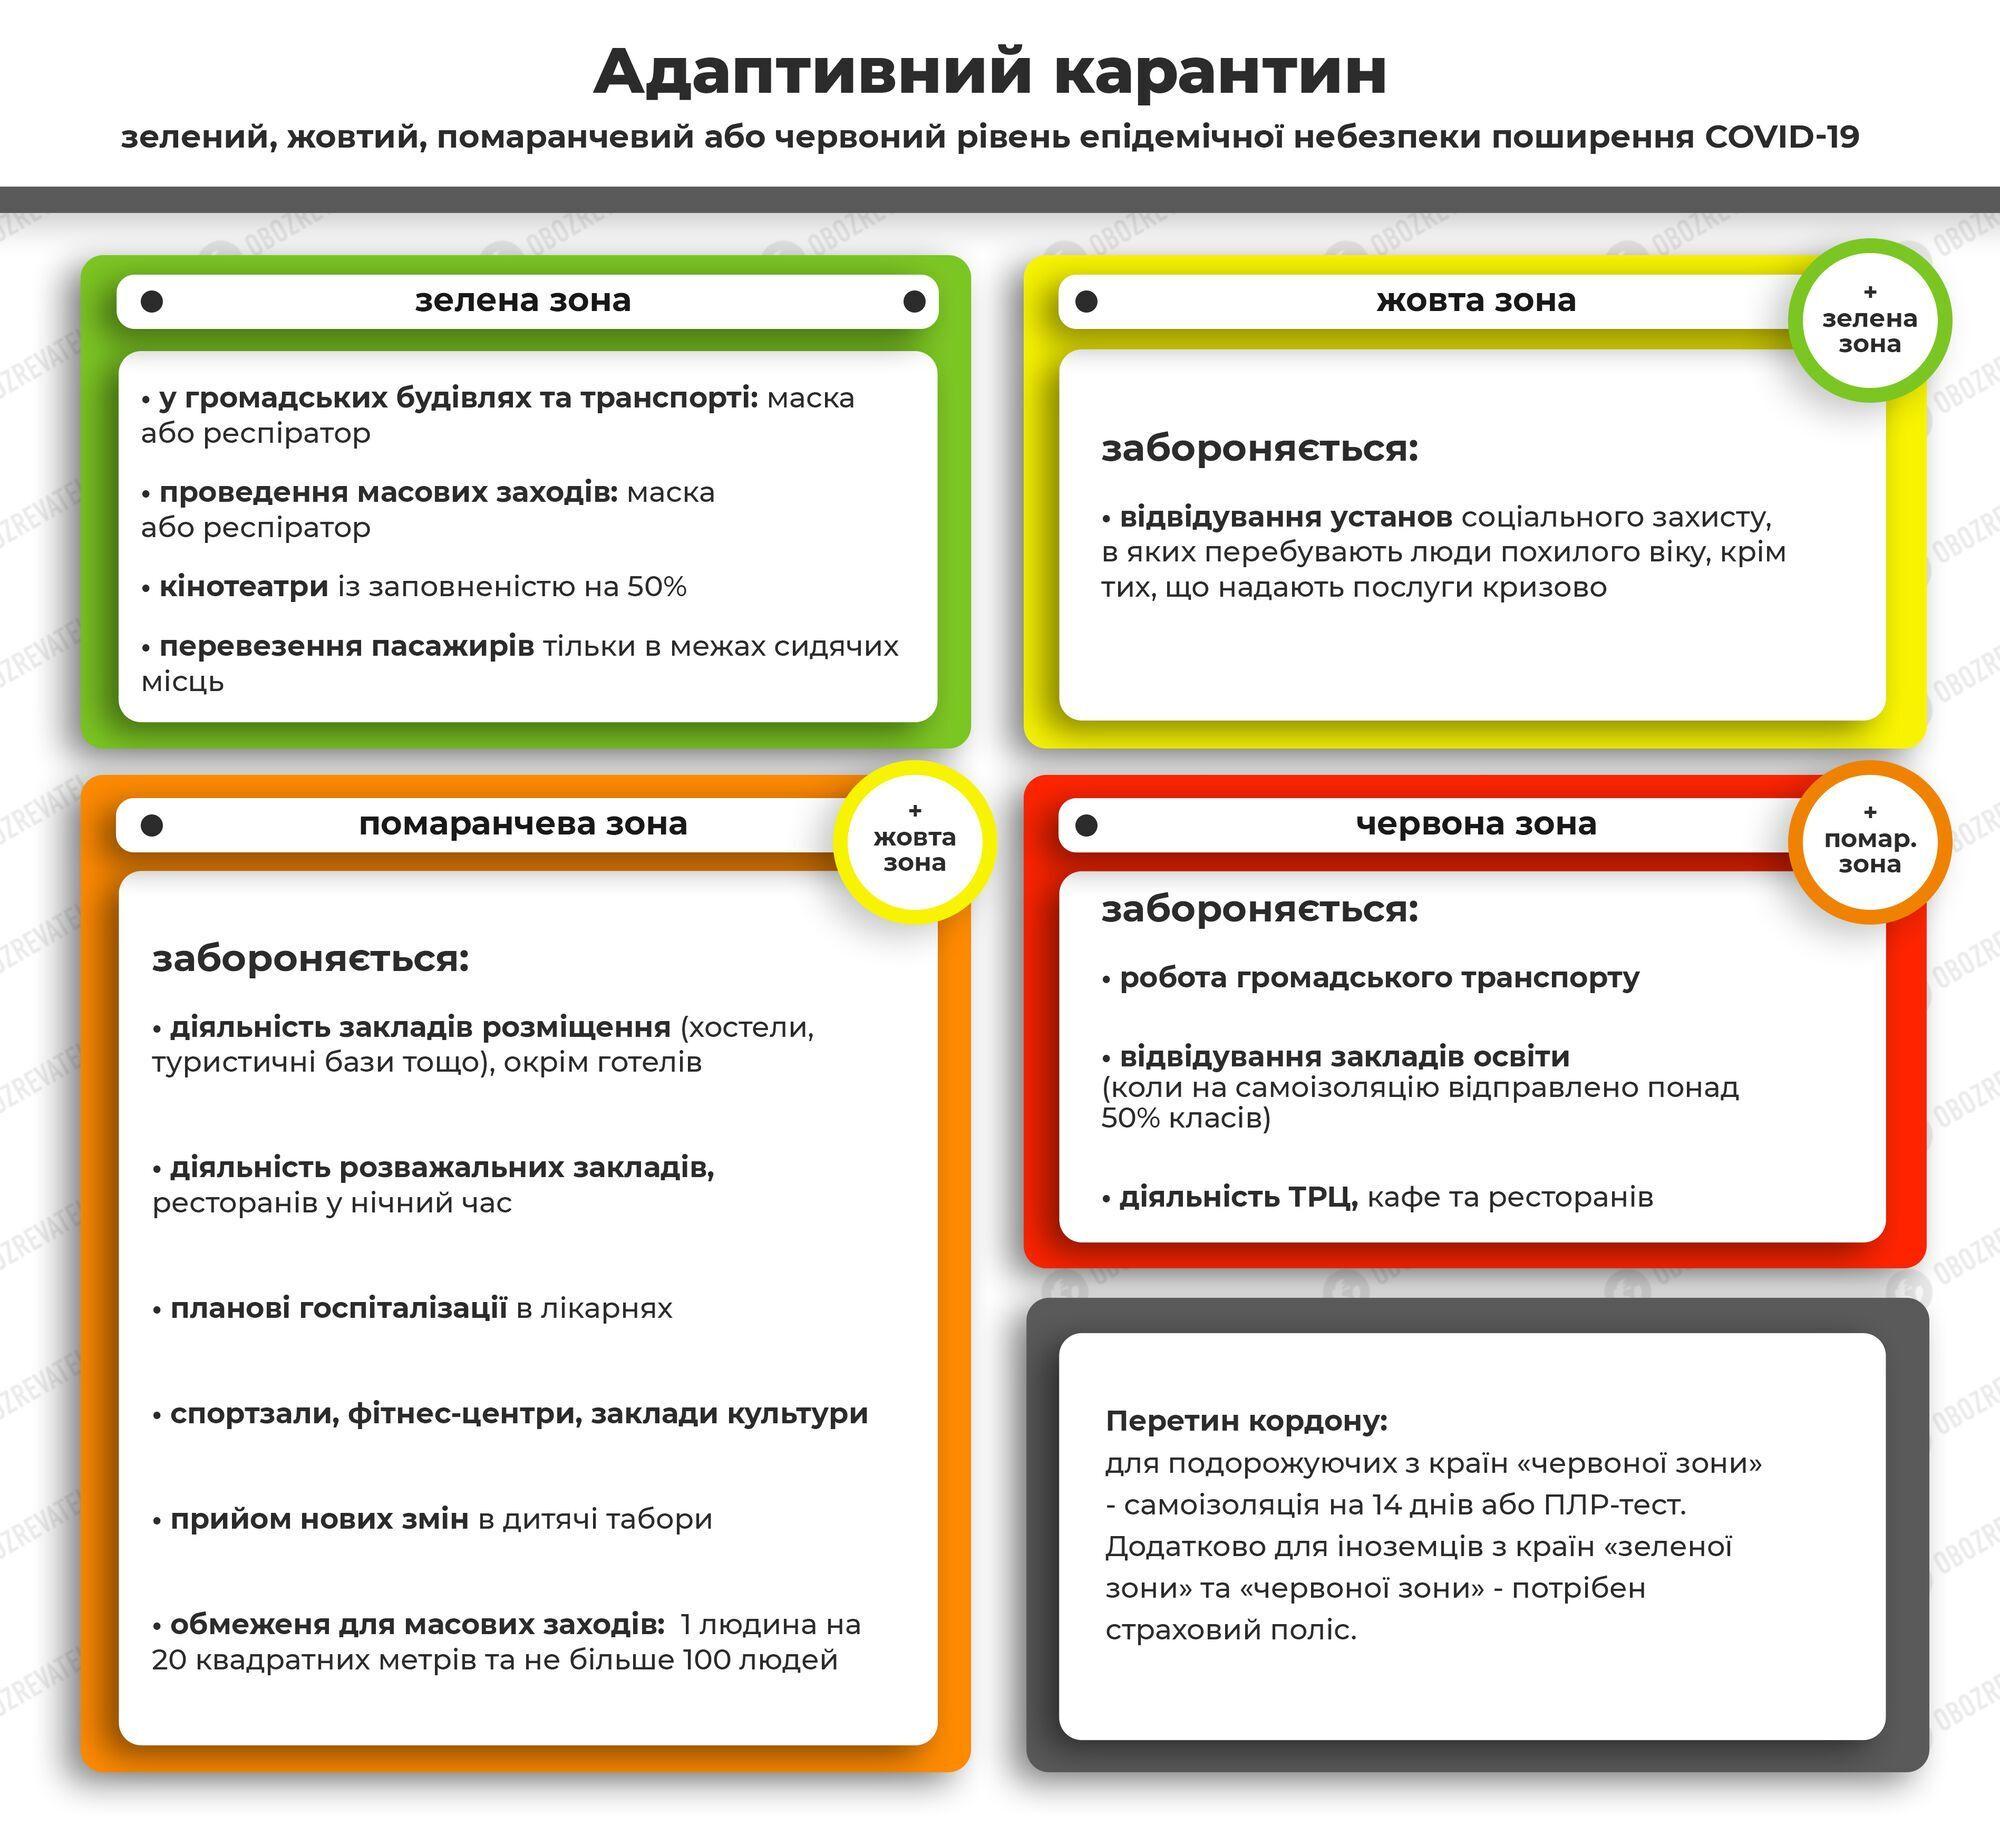 Які обмеження передбачено в різних карантинних зонах.